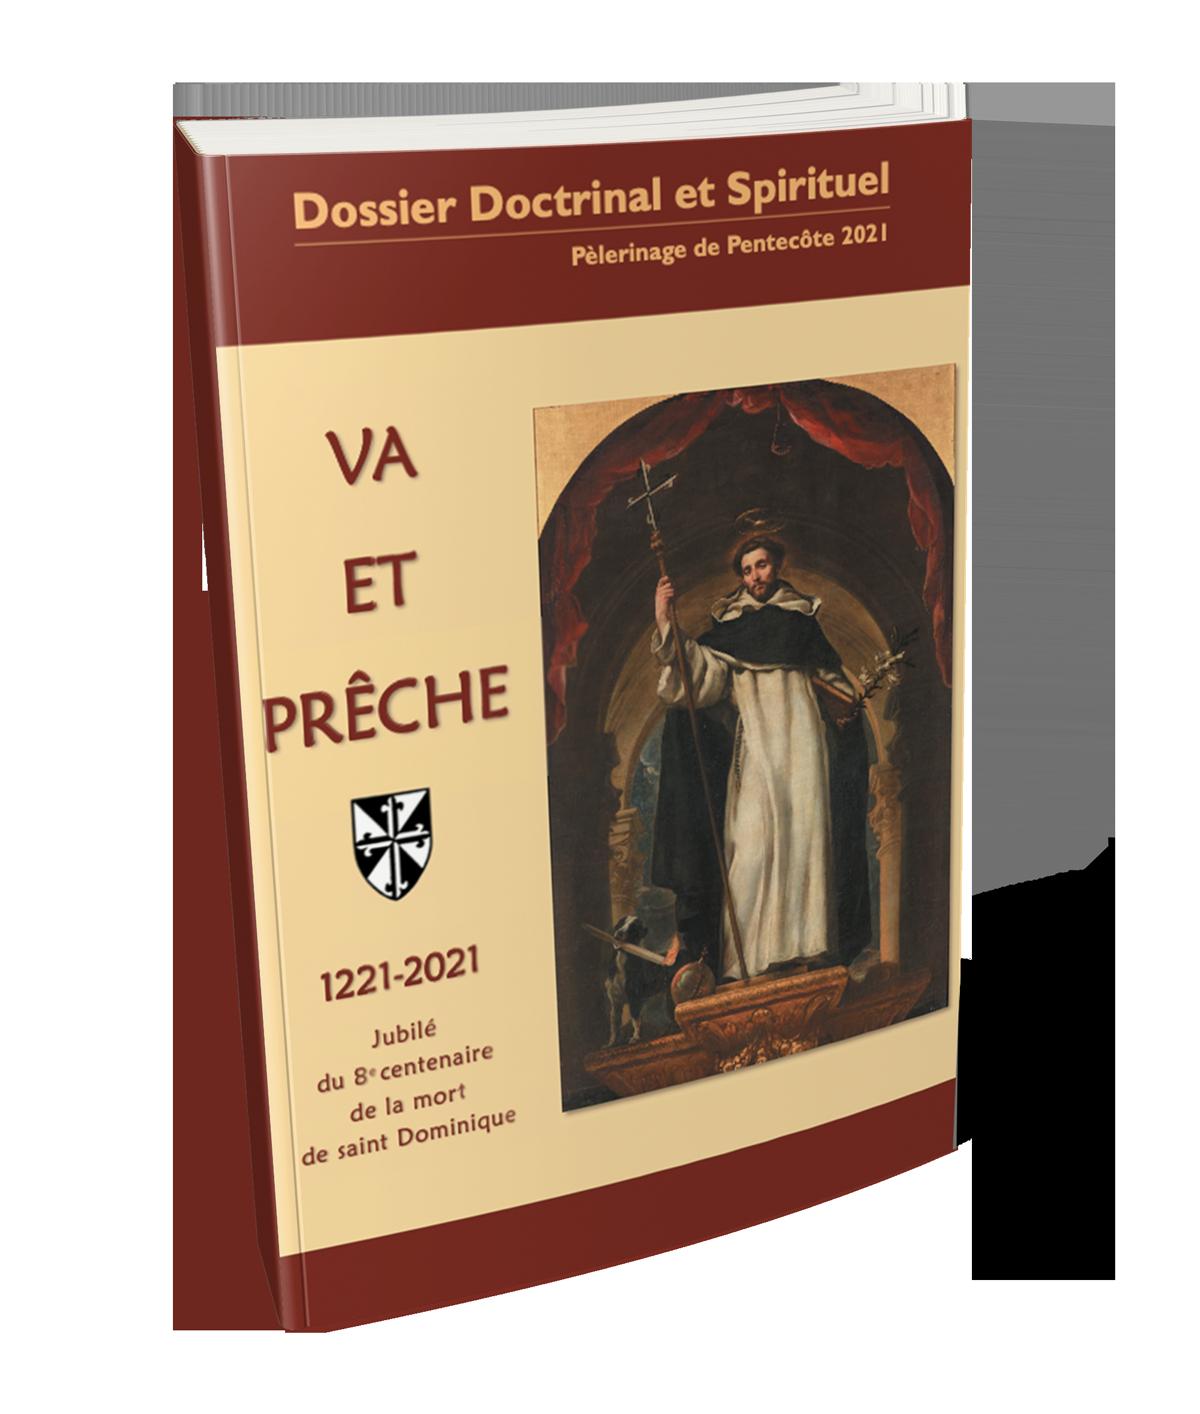 Dossier spirituel du pèlerinage de Chartres 2021